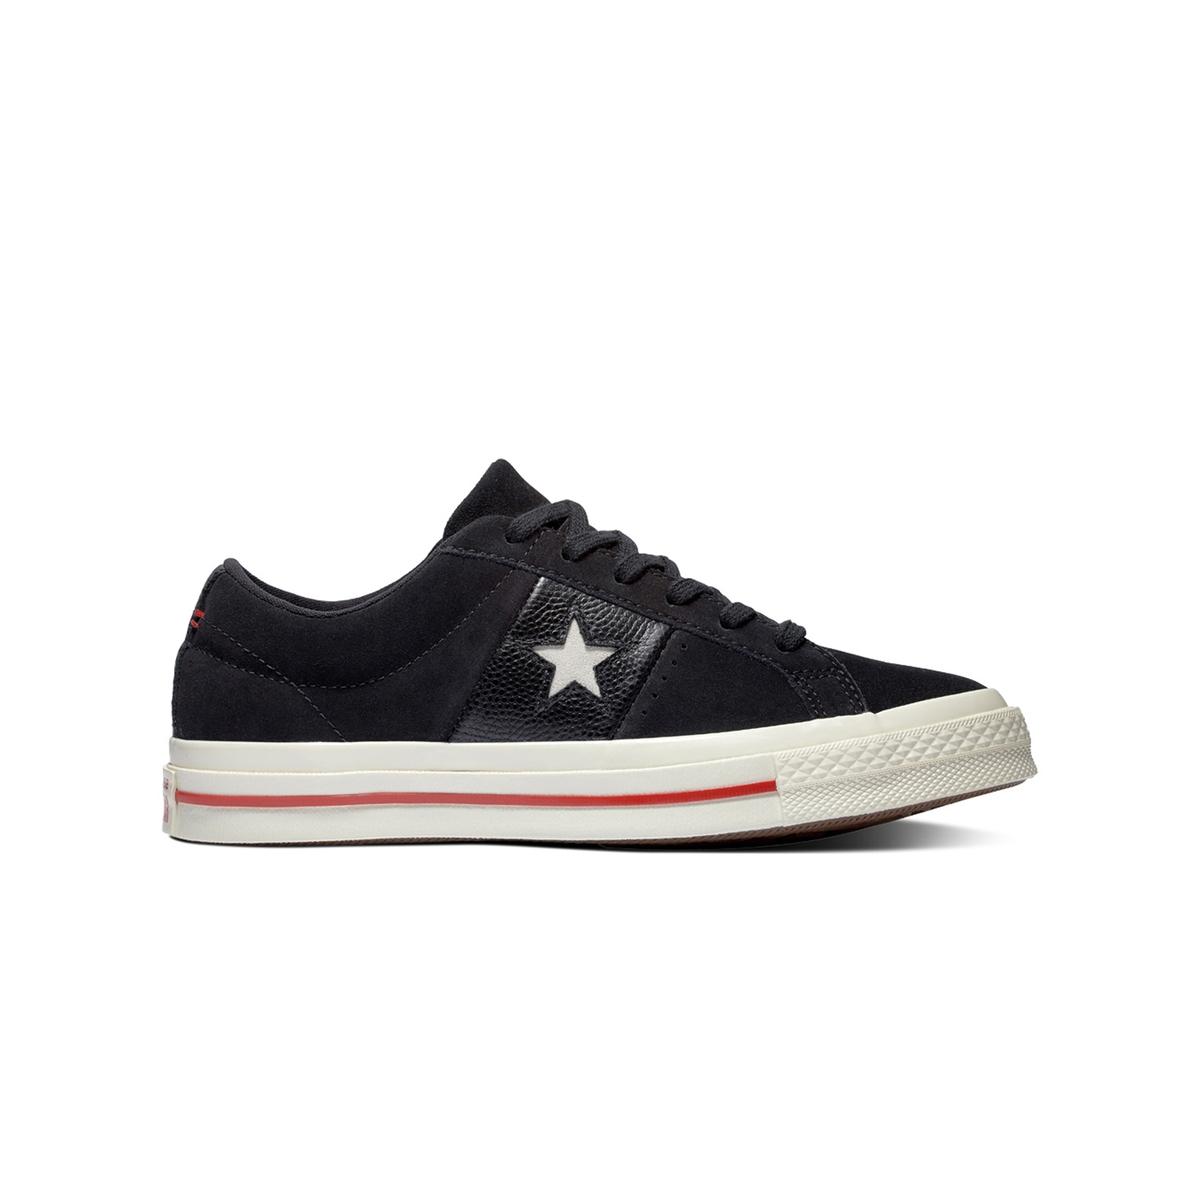 Zapatillas deportivas de piel One Star